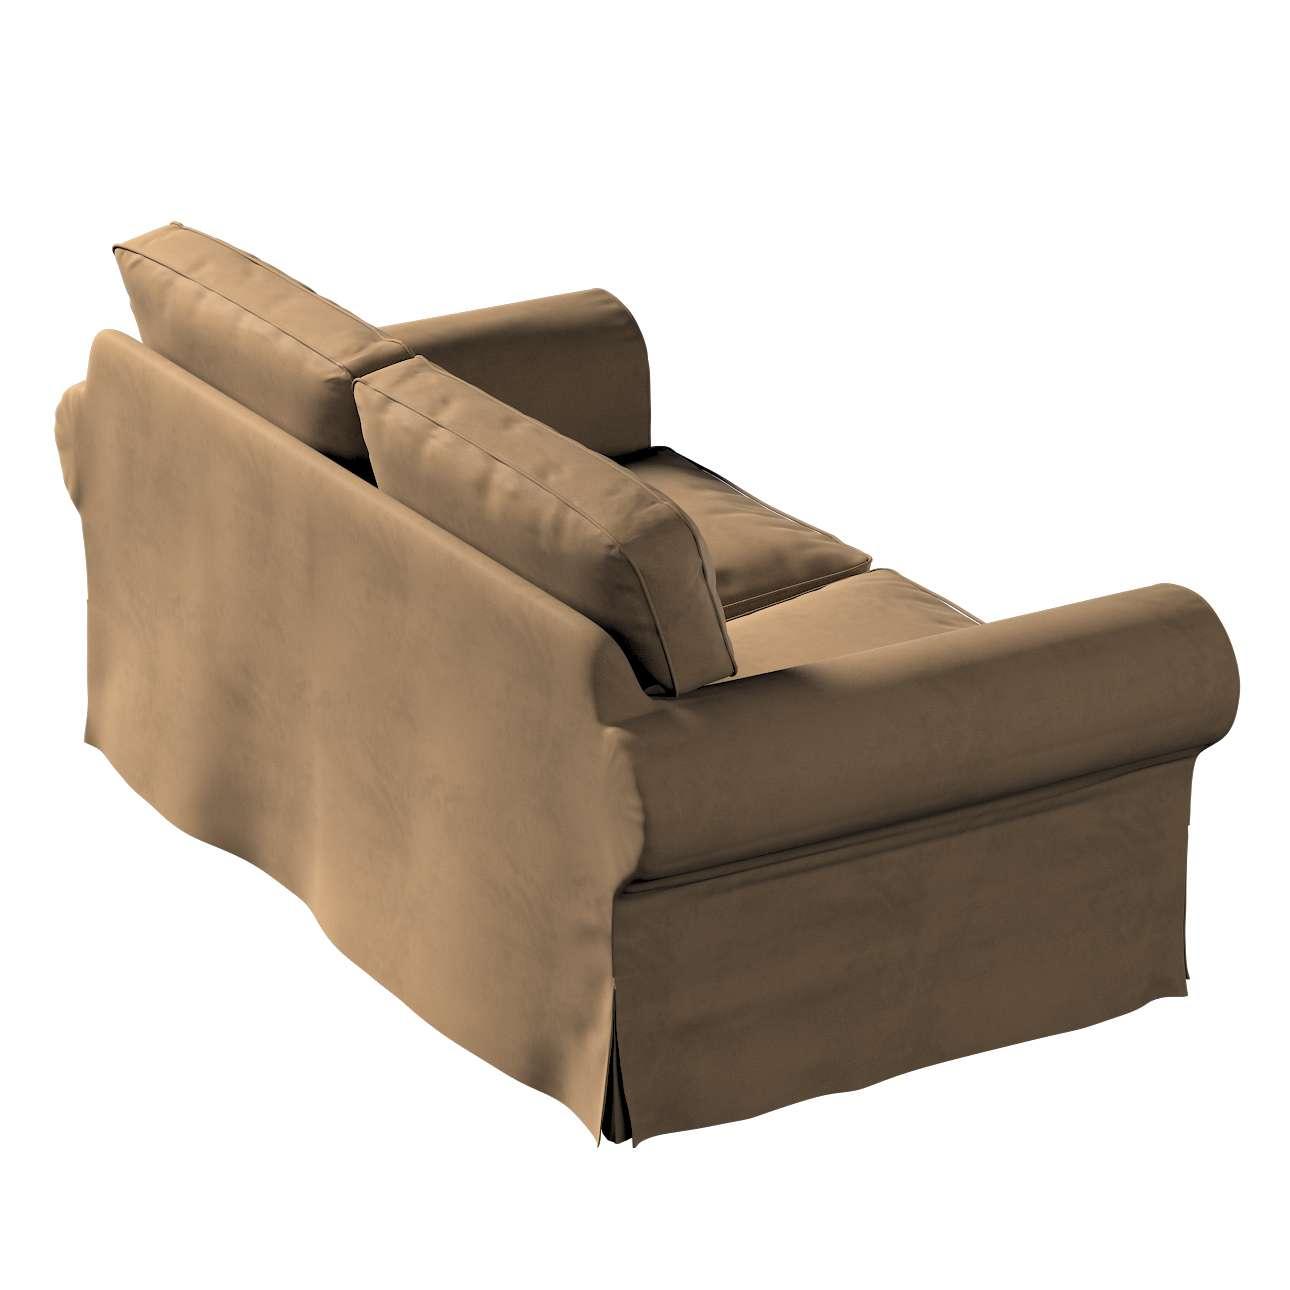 Poťah na sedačku Ektorp (rozkladacia, pre 2 osoby) STARÝ MODEL V kolekcii Living 2, tkanina: 160-94